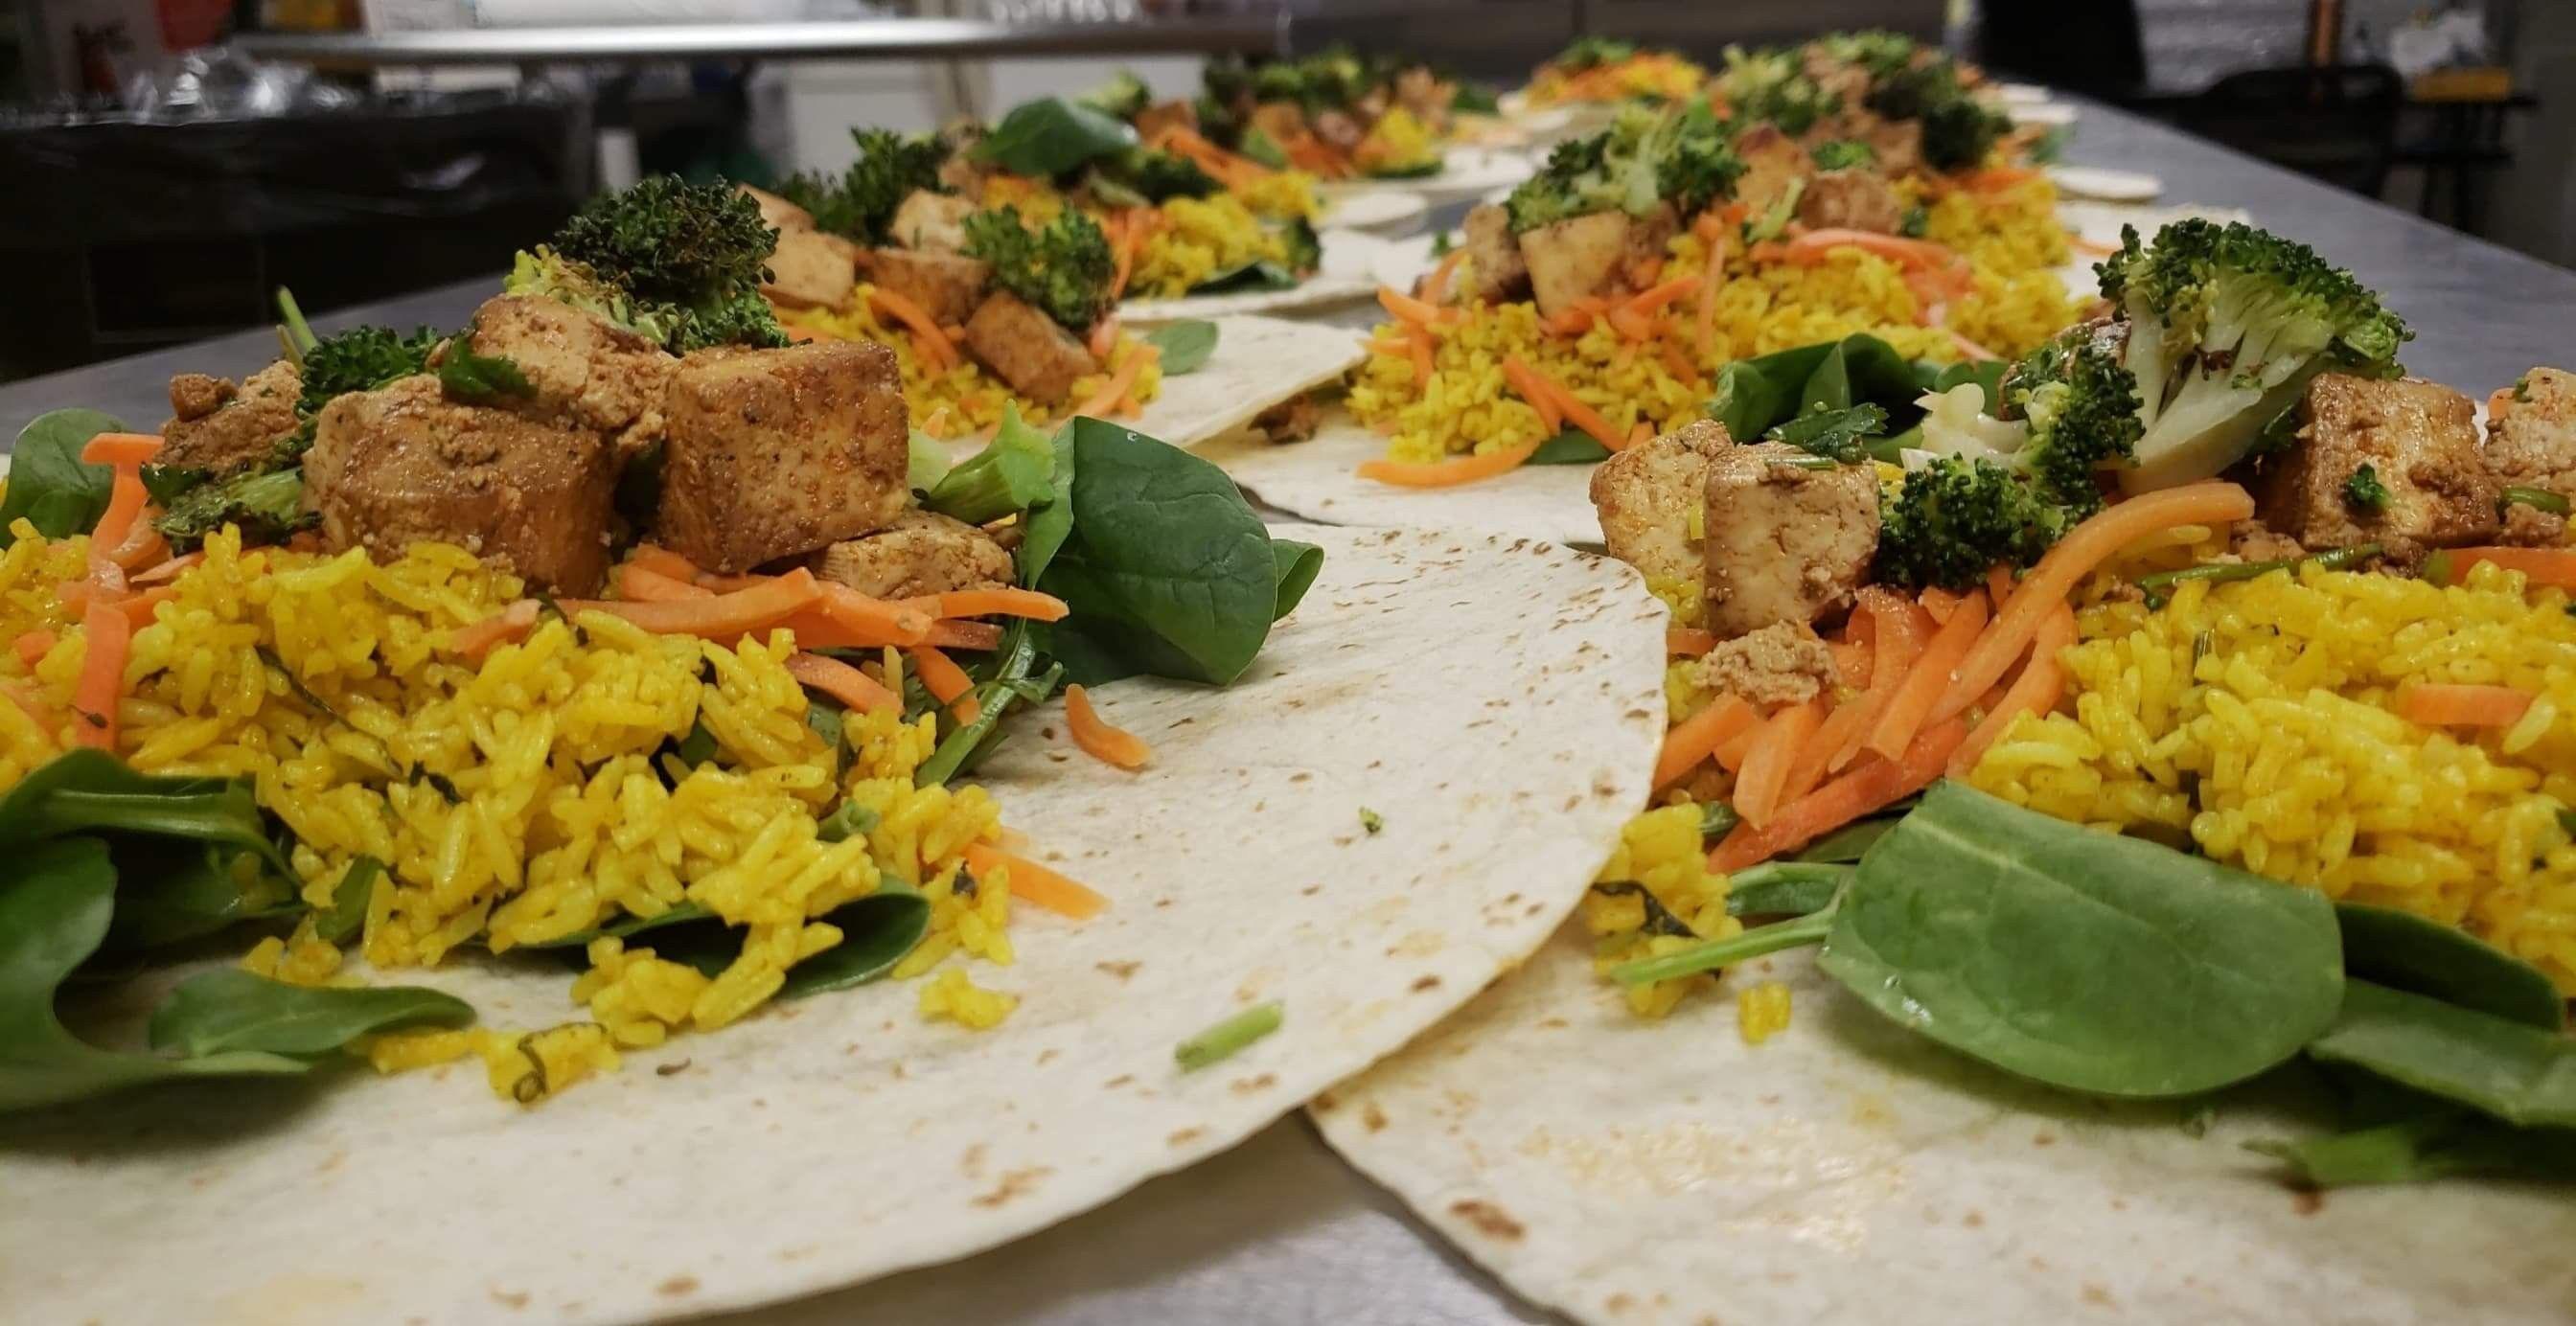 Pin By Travon Edwards On Vegan Takeout Vegan Food Near Me Vegan Recipes Vegan Catering